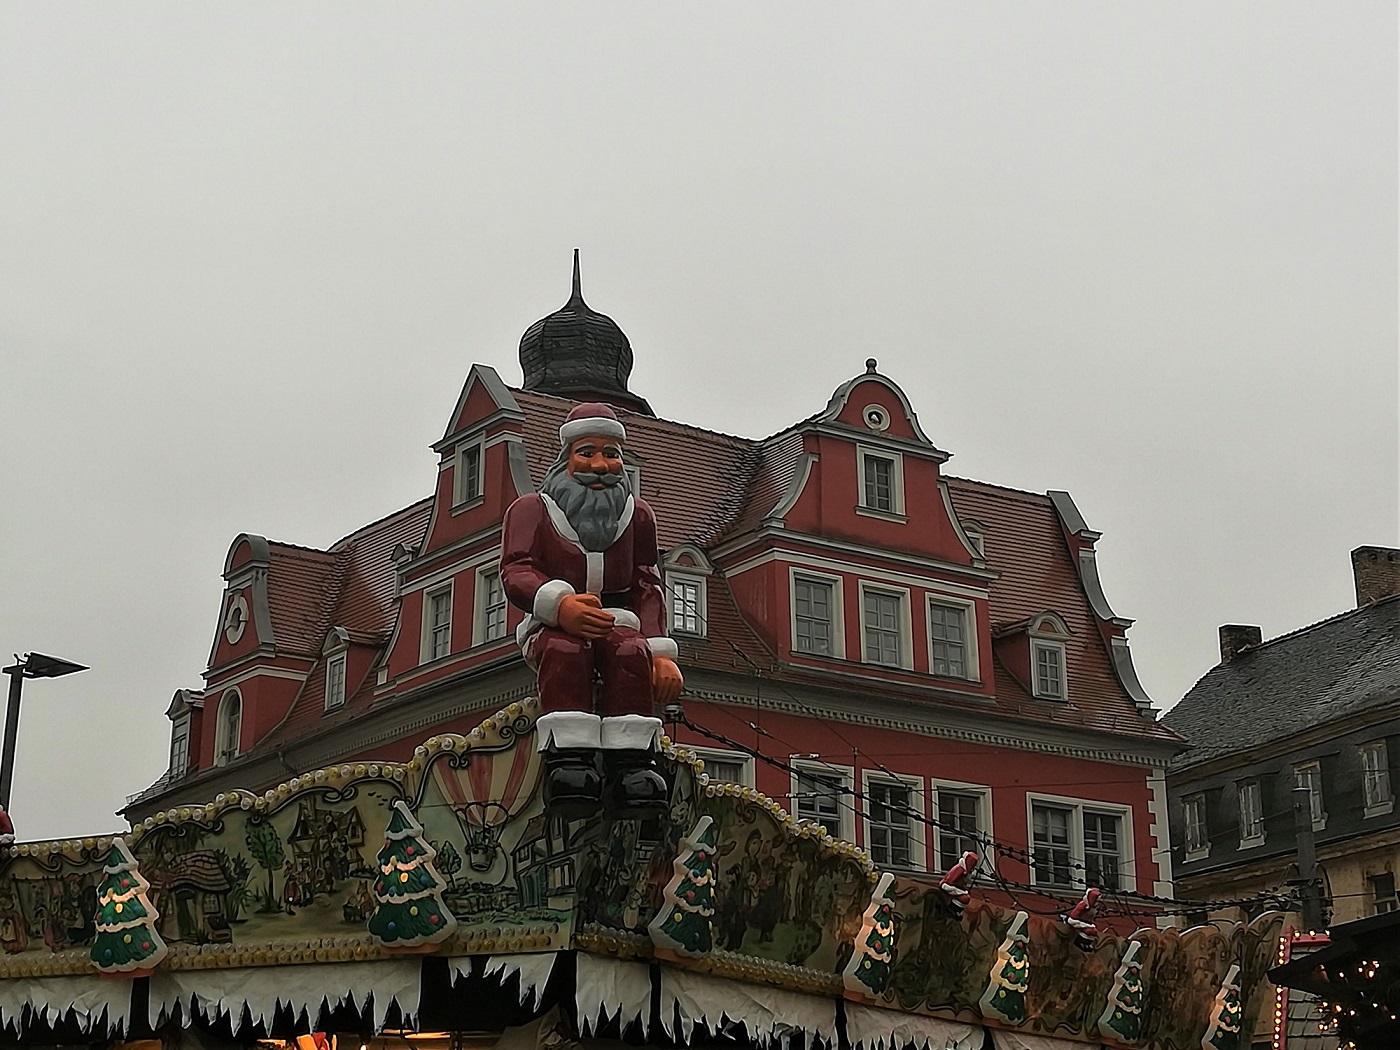 Weihnachtsmannfigur sitzt auf dem Dach eines Karussells